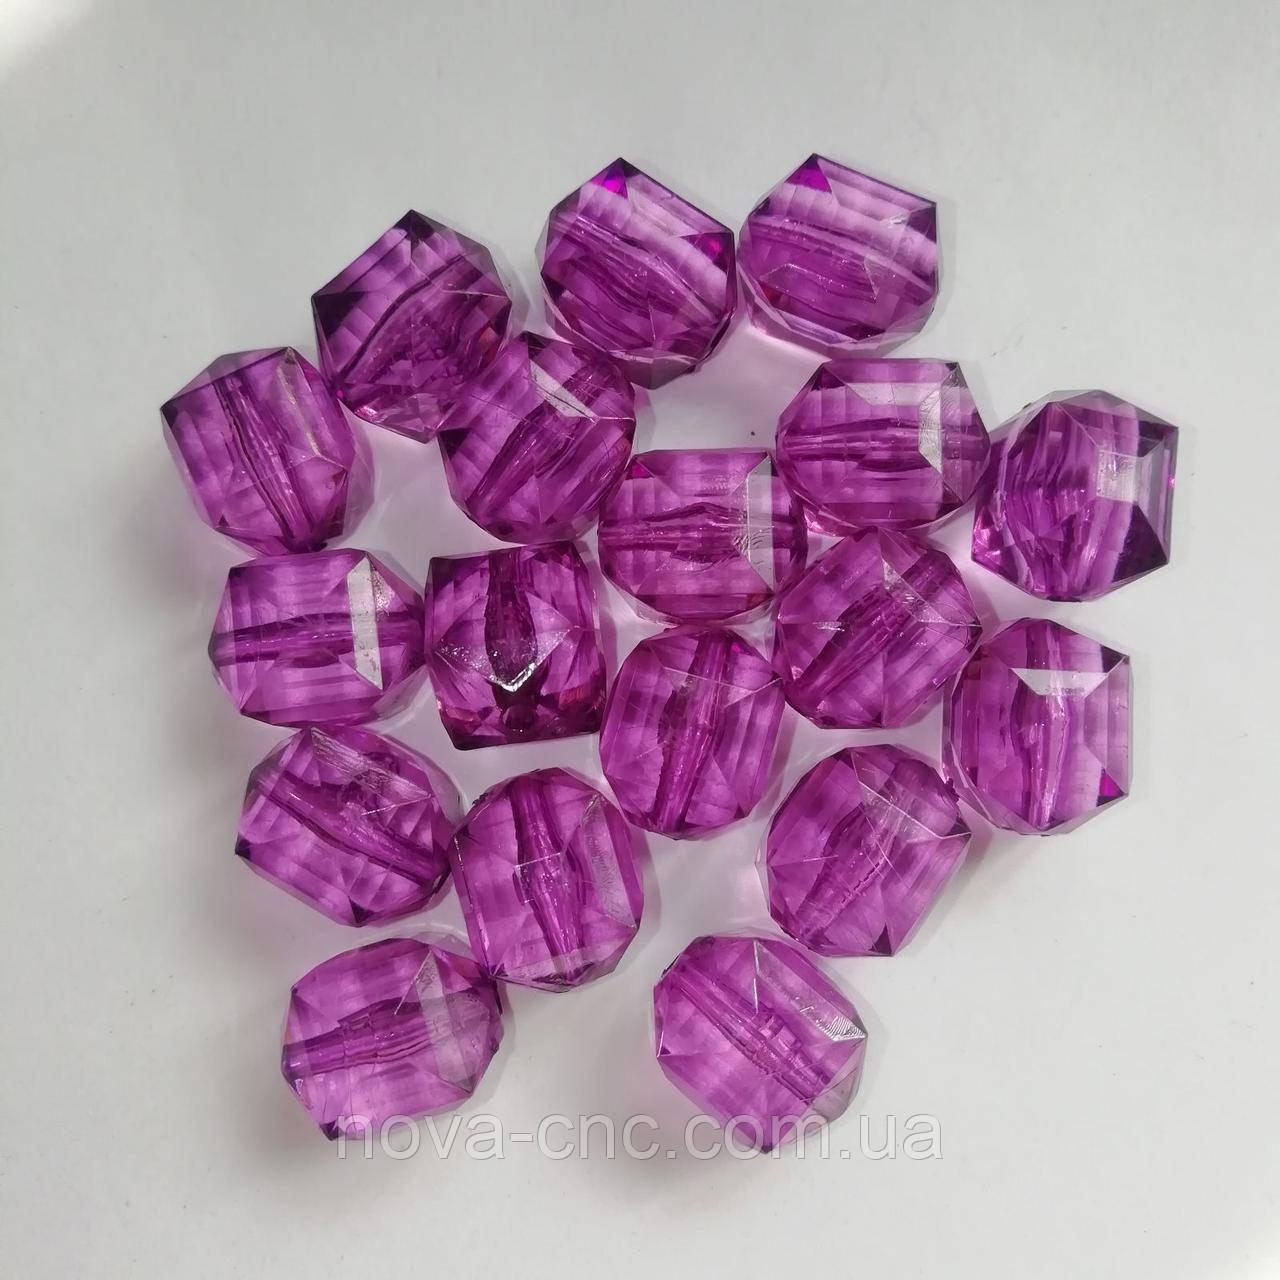 """Бусины акрил """"Бочонок"""" фиолетово-малиновый прозрачный 14 мм 500 грамм"""